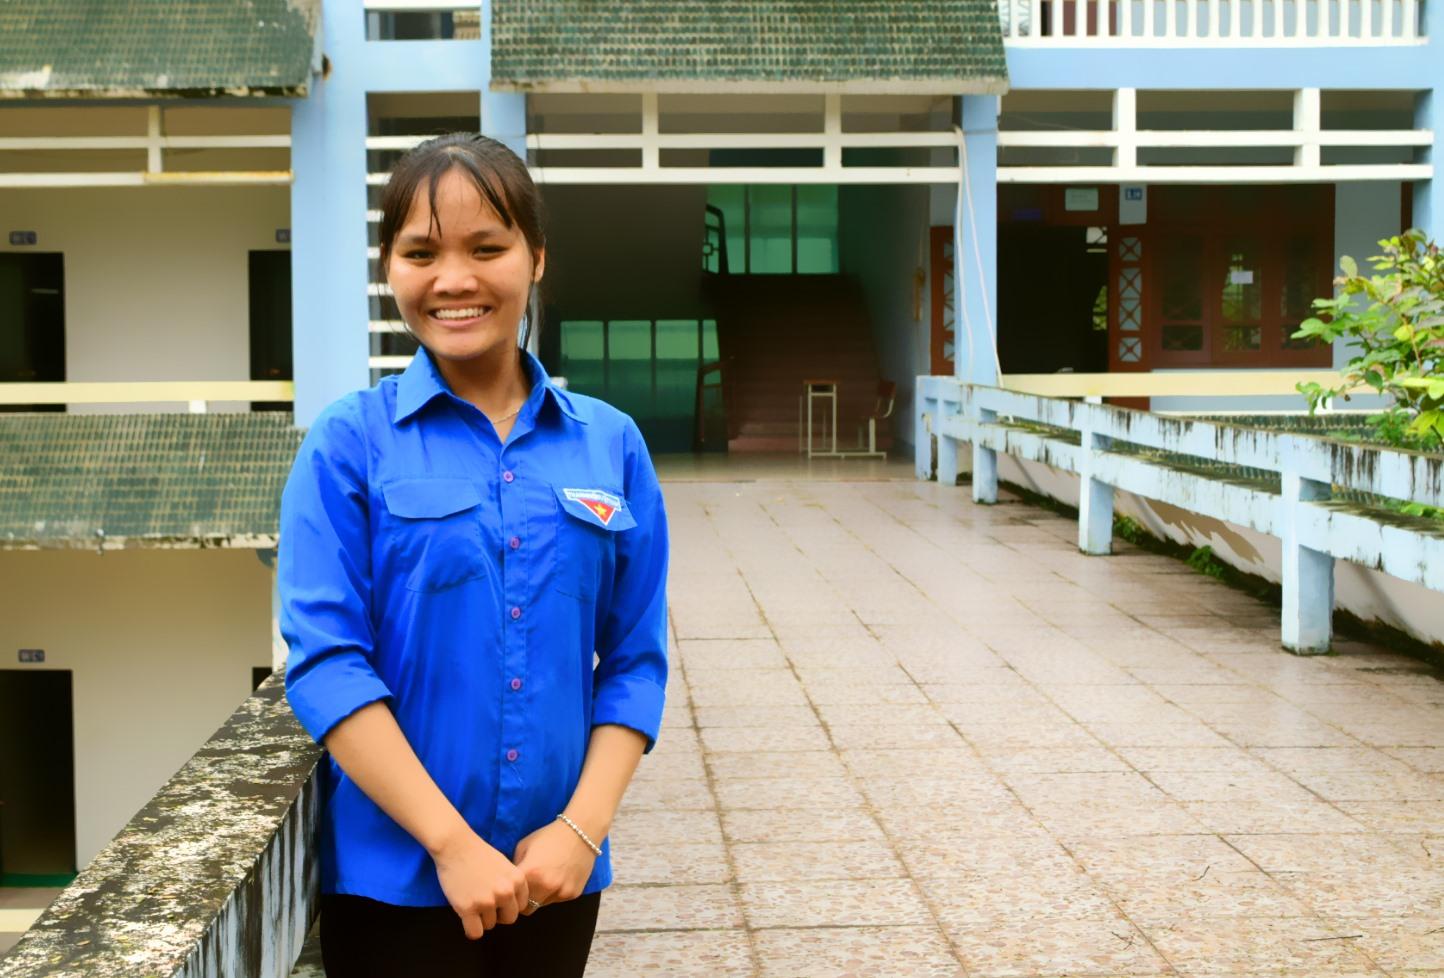 Chân dung nữ sinh viên Lê Trần Kim Thảo (Khoa Công nghệ thông tin, Trường Đại học Quảng Nam). Ảnh: THÁI CƯỜNG